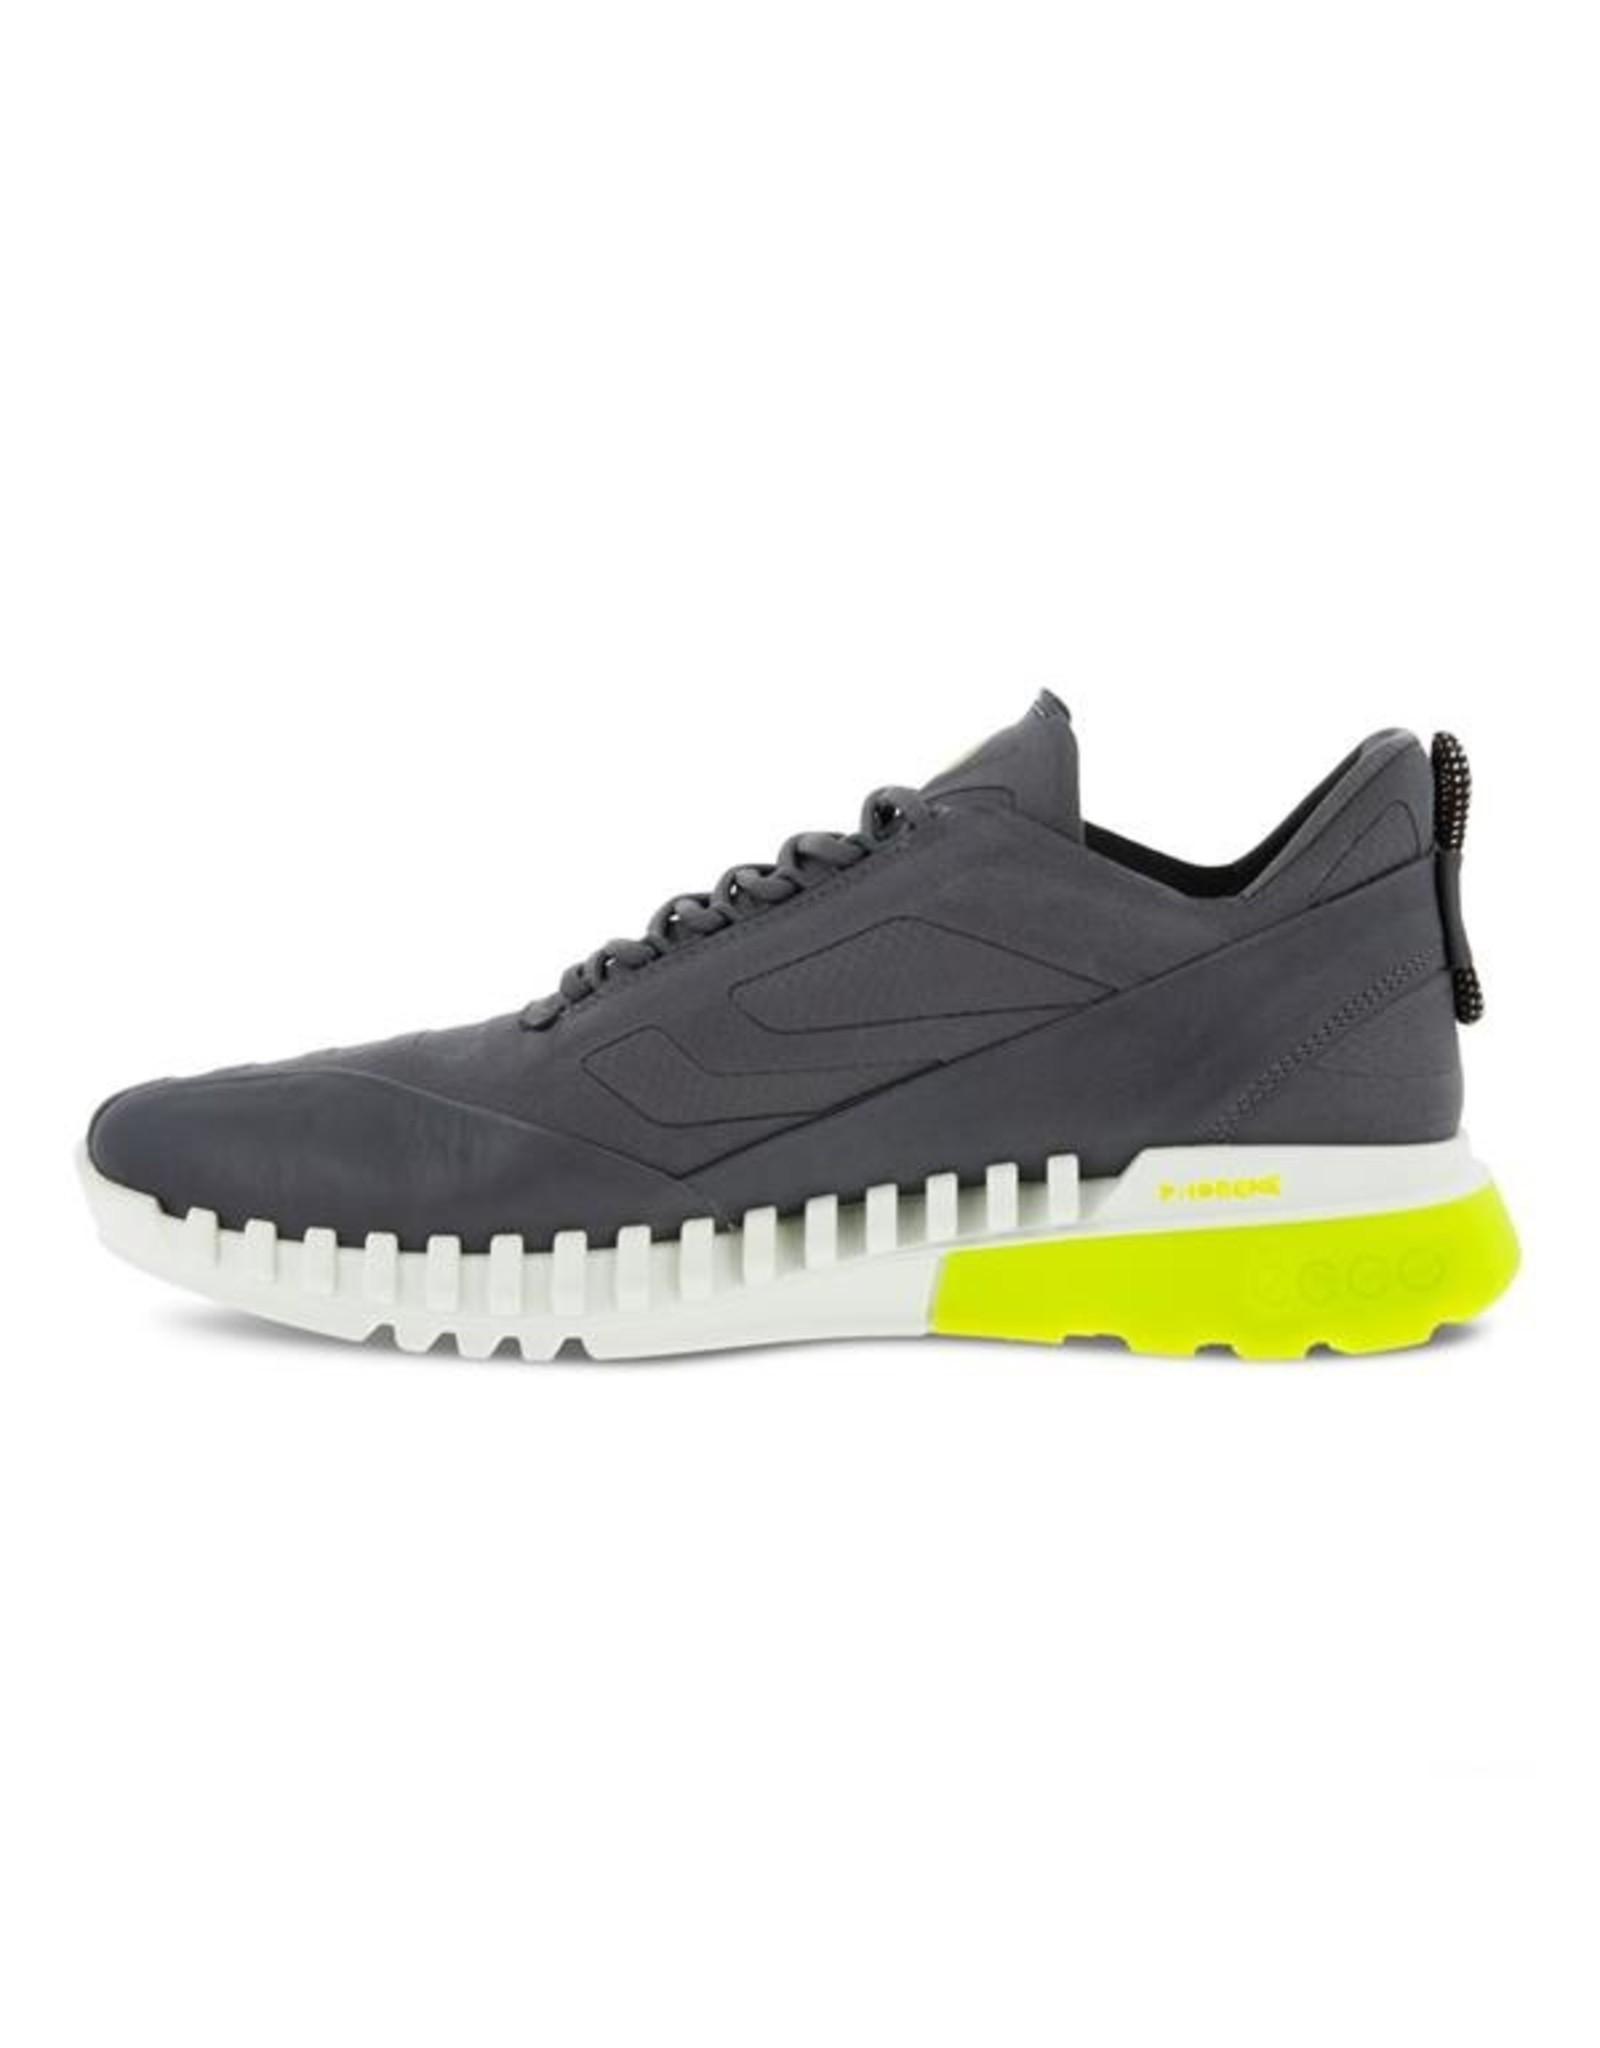 ECCO ECCO - M's - Zipflex Sneaker -